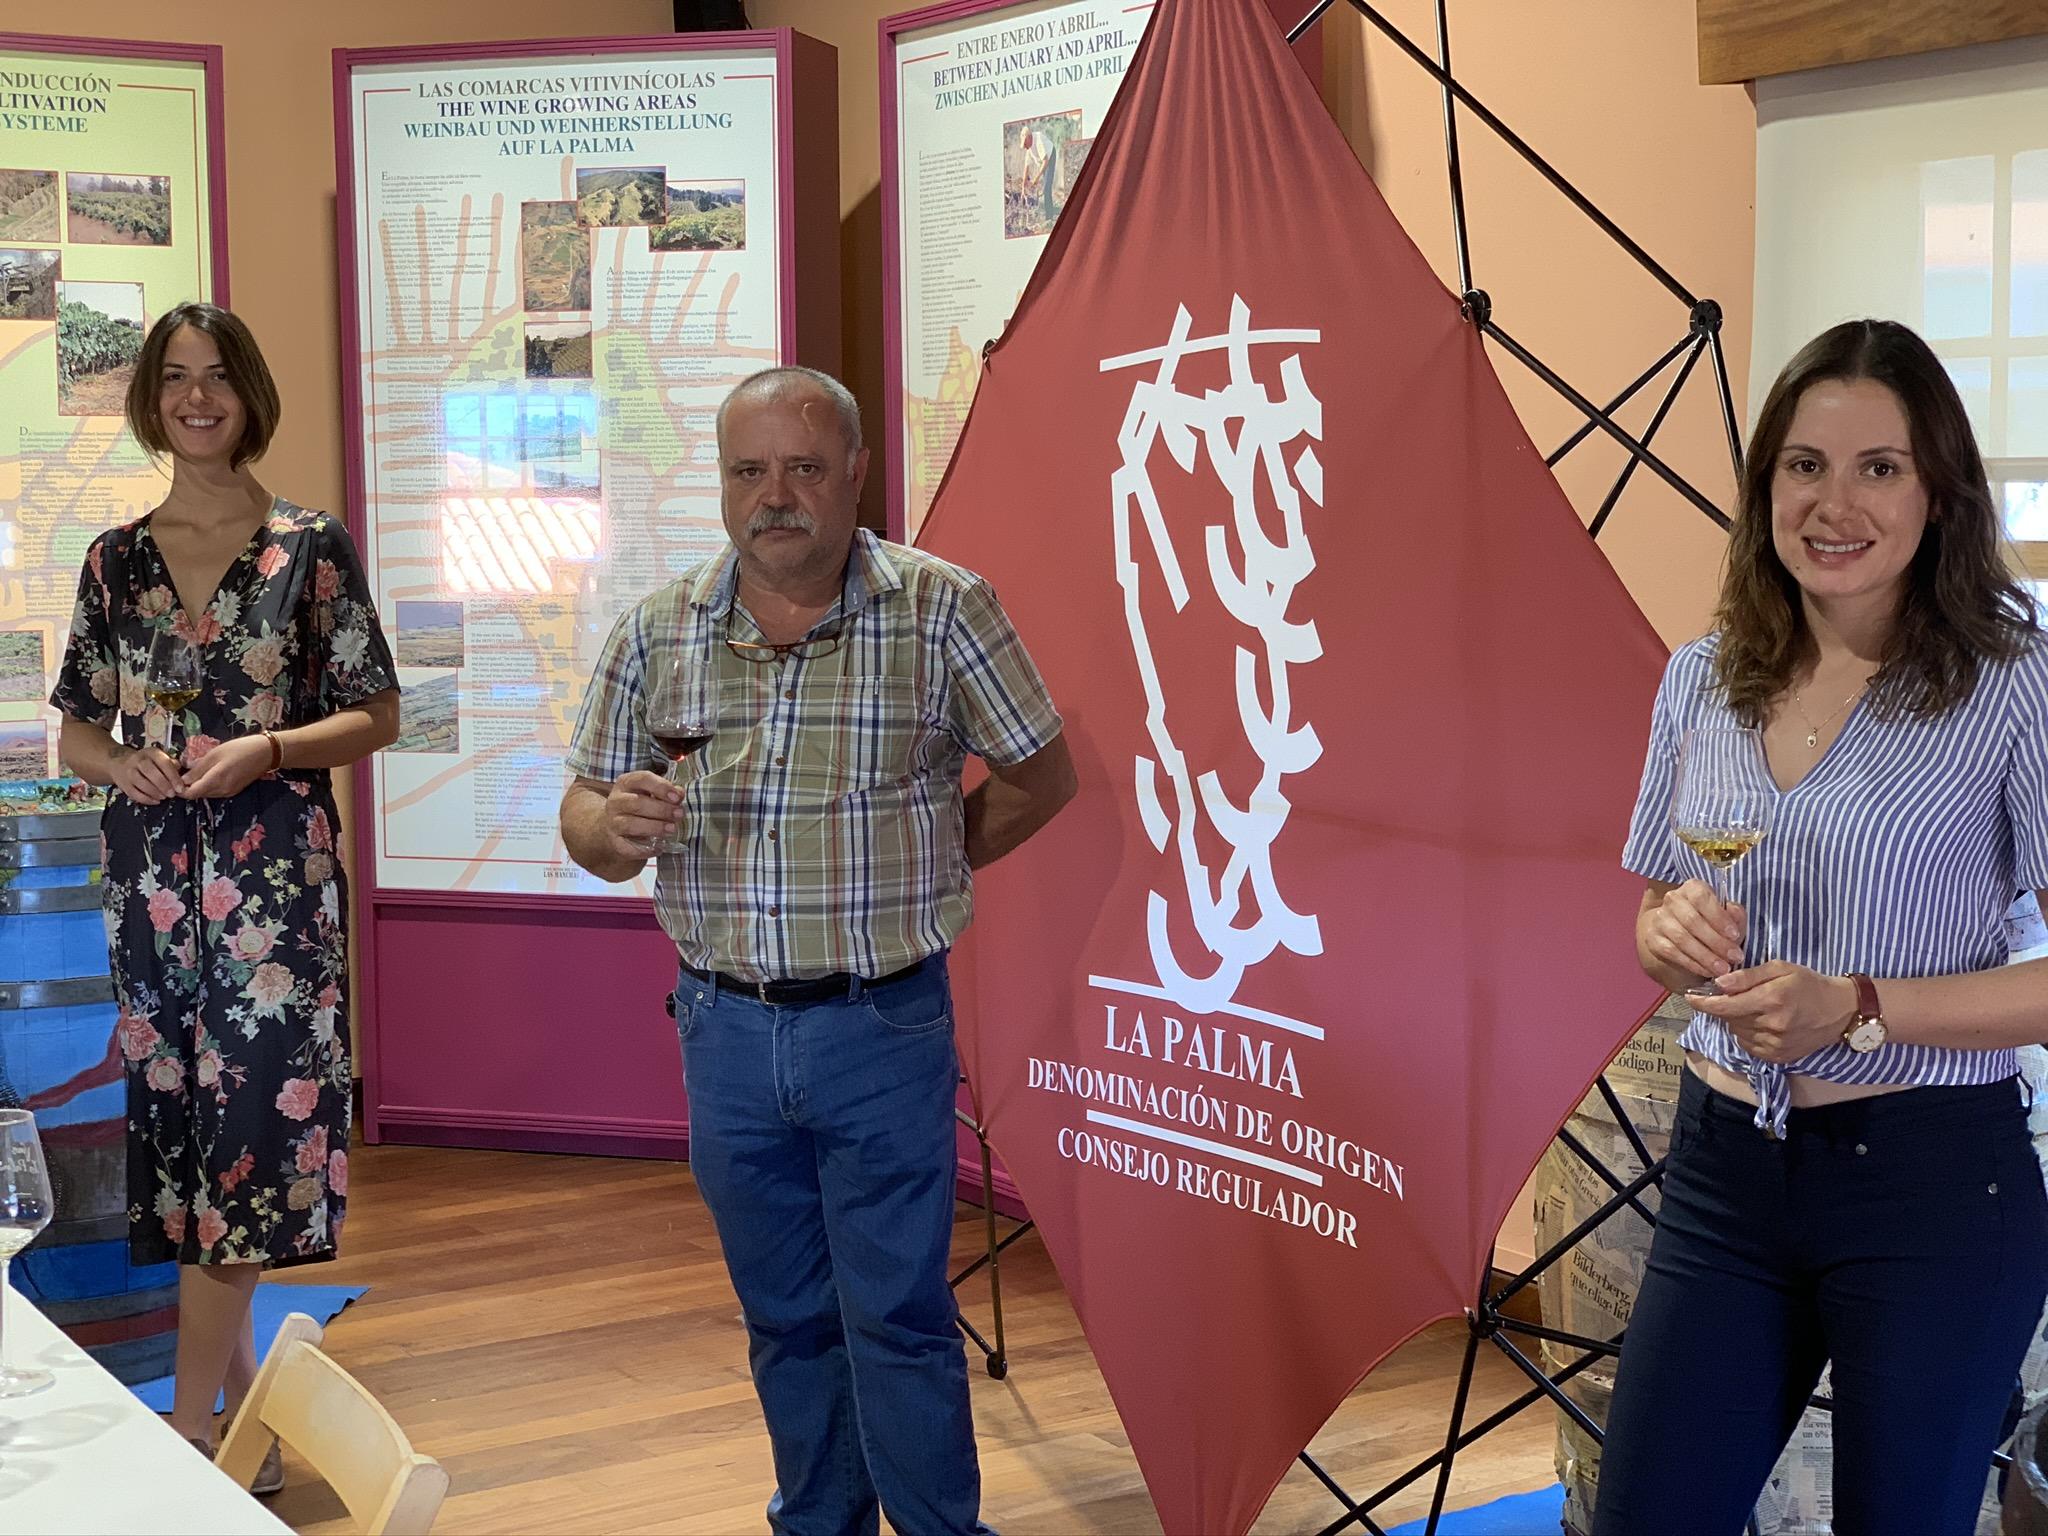 La Palma sorprende por la gran diversidad de vinos